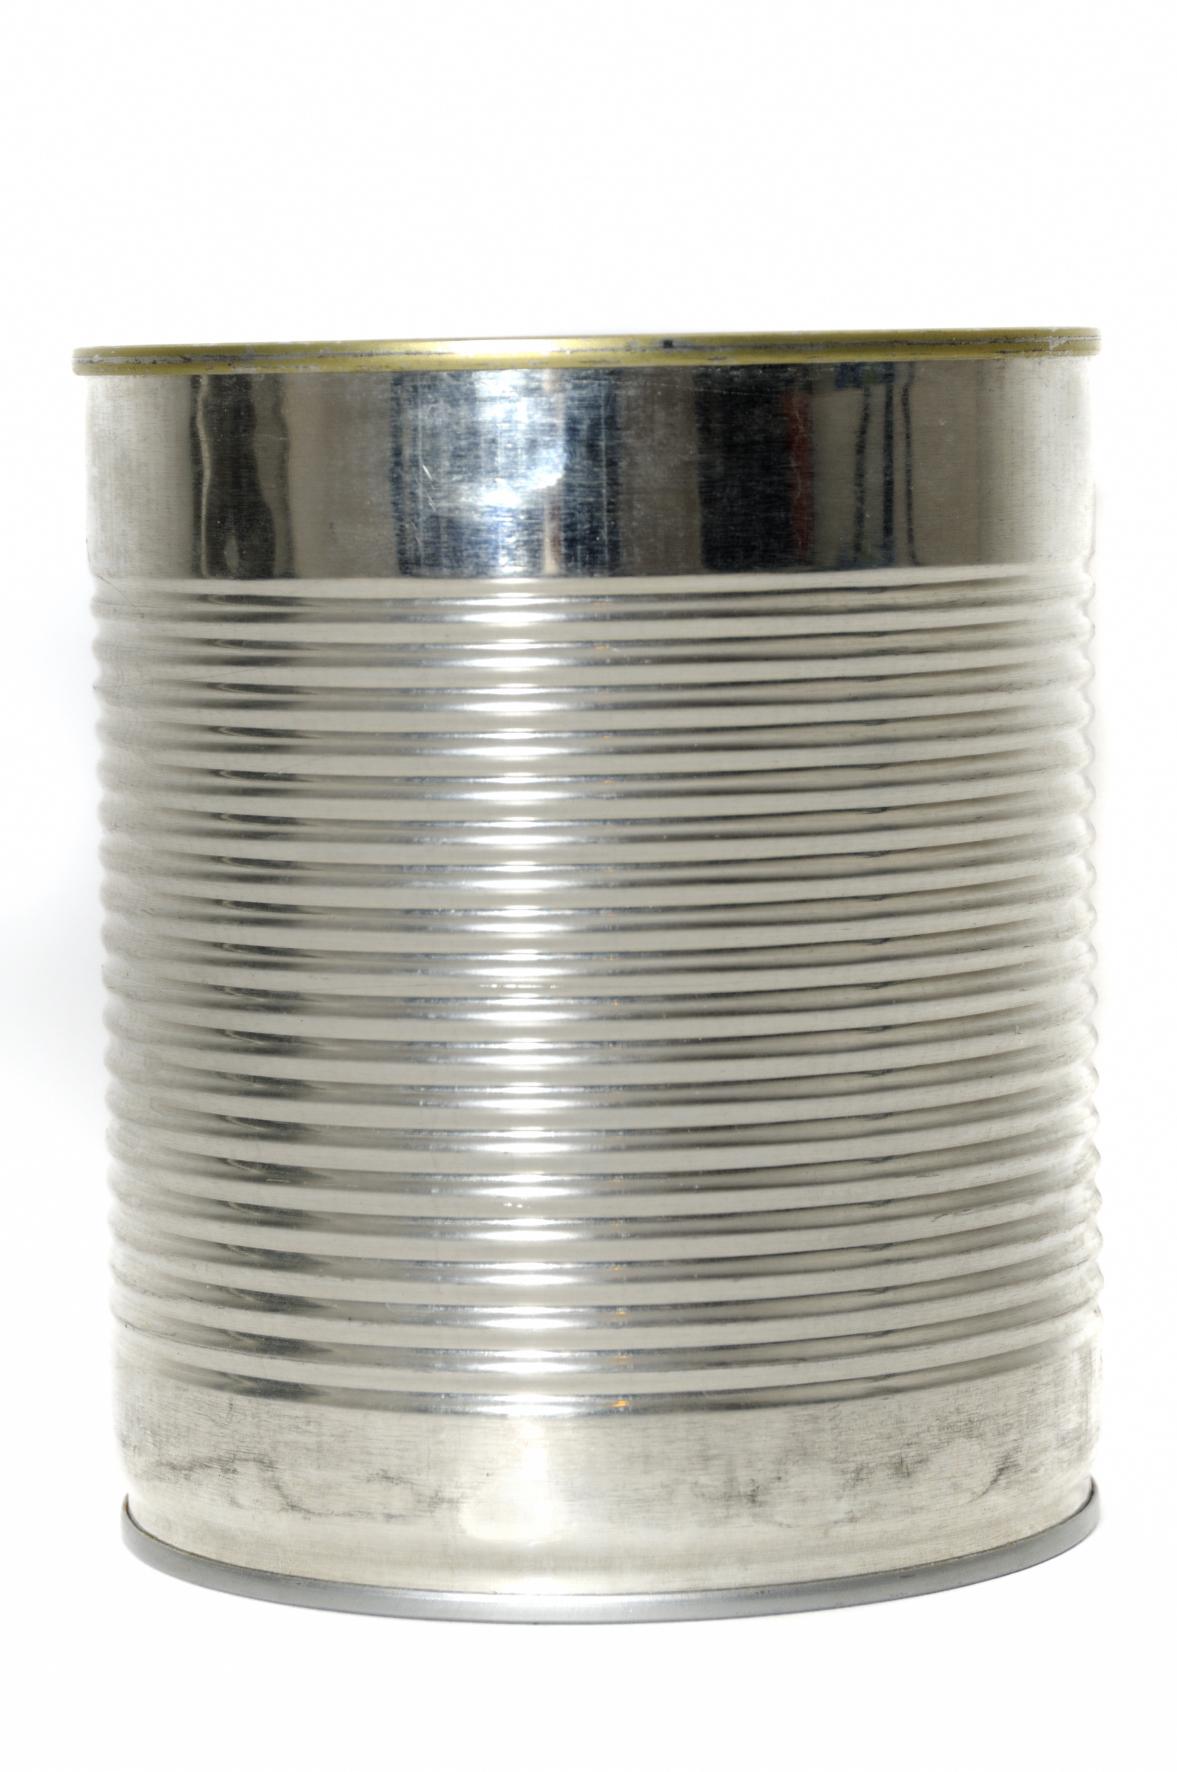 Boite de conserve 6 objets toute image niffylux banque d 39 images - Customiser des boites de conserves ...